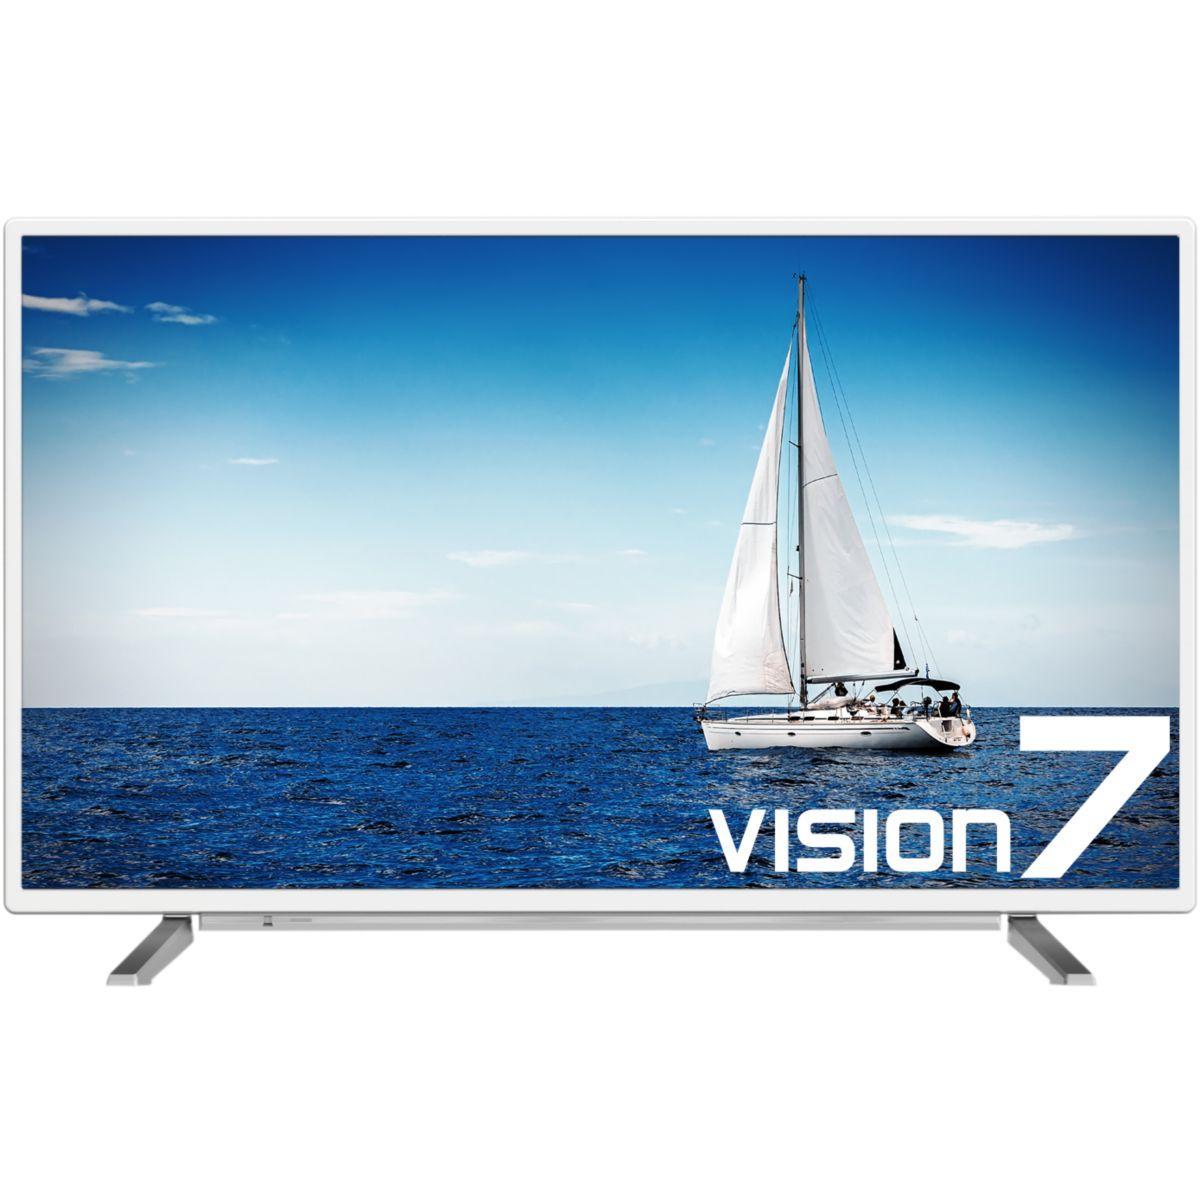 Tv led grundig 55vlx7730wp (photo)